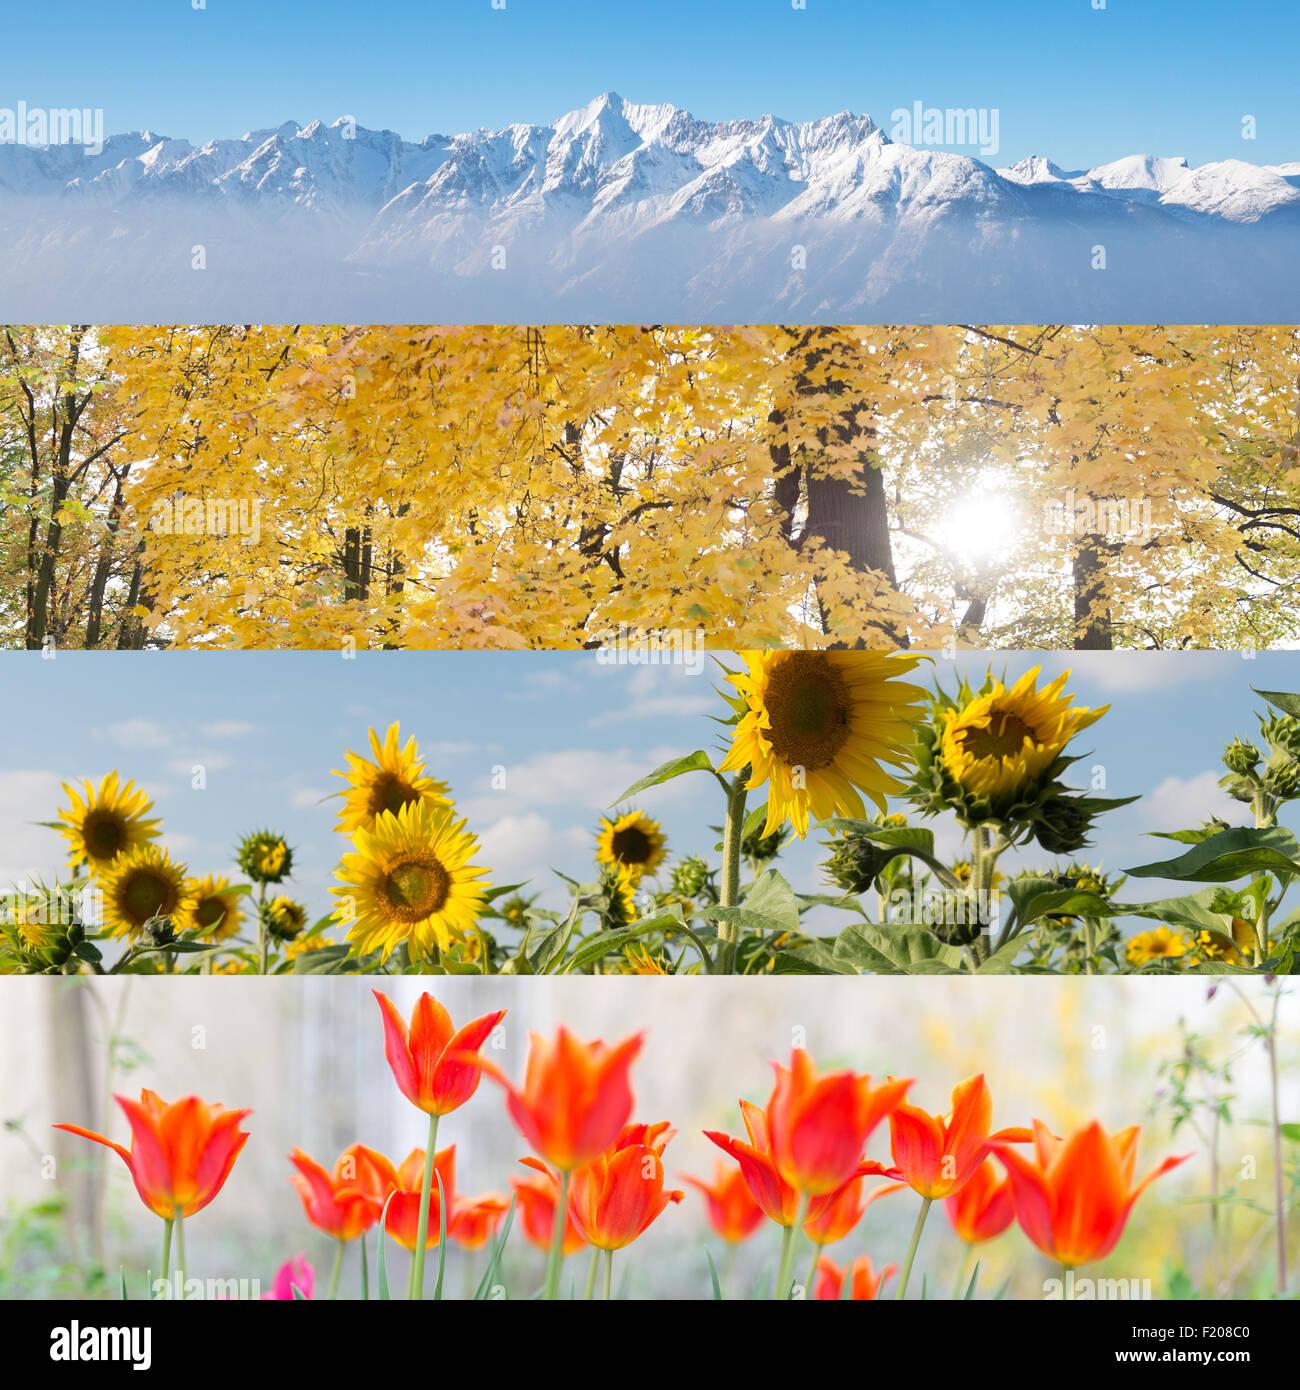 Vier Jahreszeiten in einem Bild - Stock Image